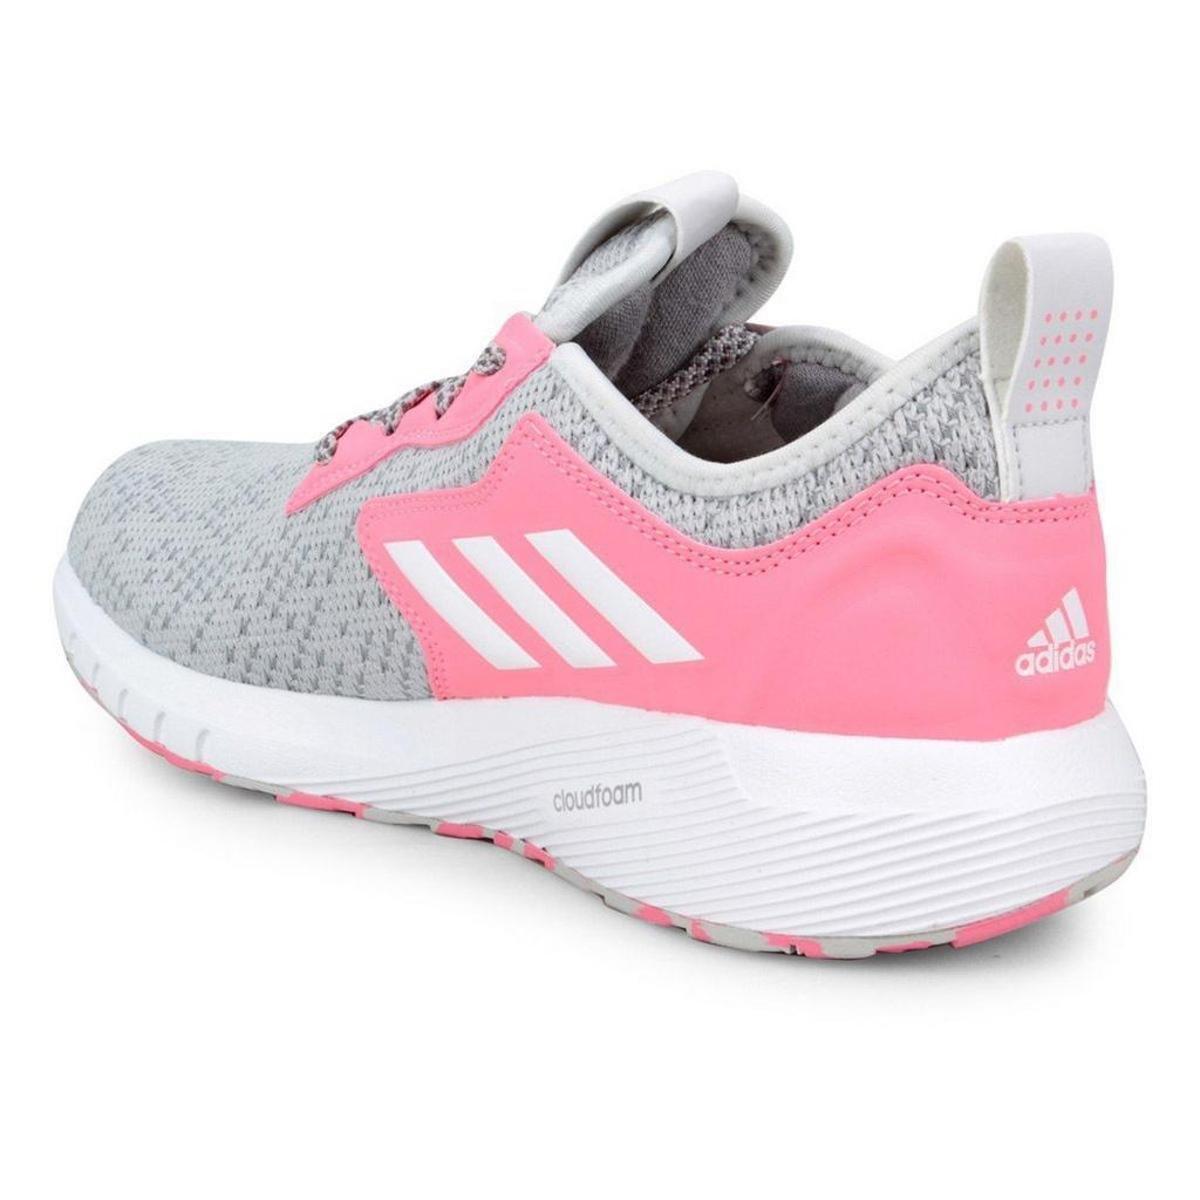 9bee02d22ca Tênis Adidas Skyfreeze 2 Feminino - Cinza e Branco - Compre Agora ...